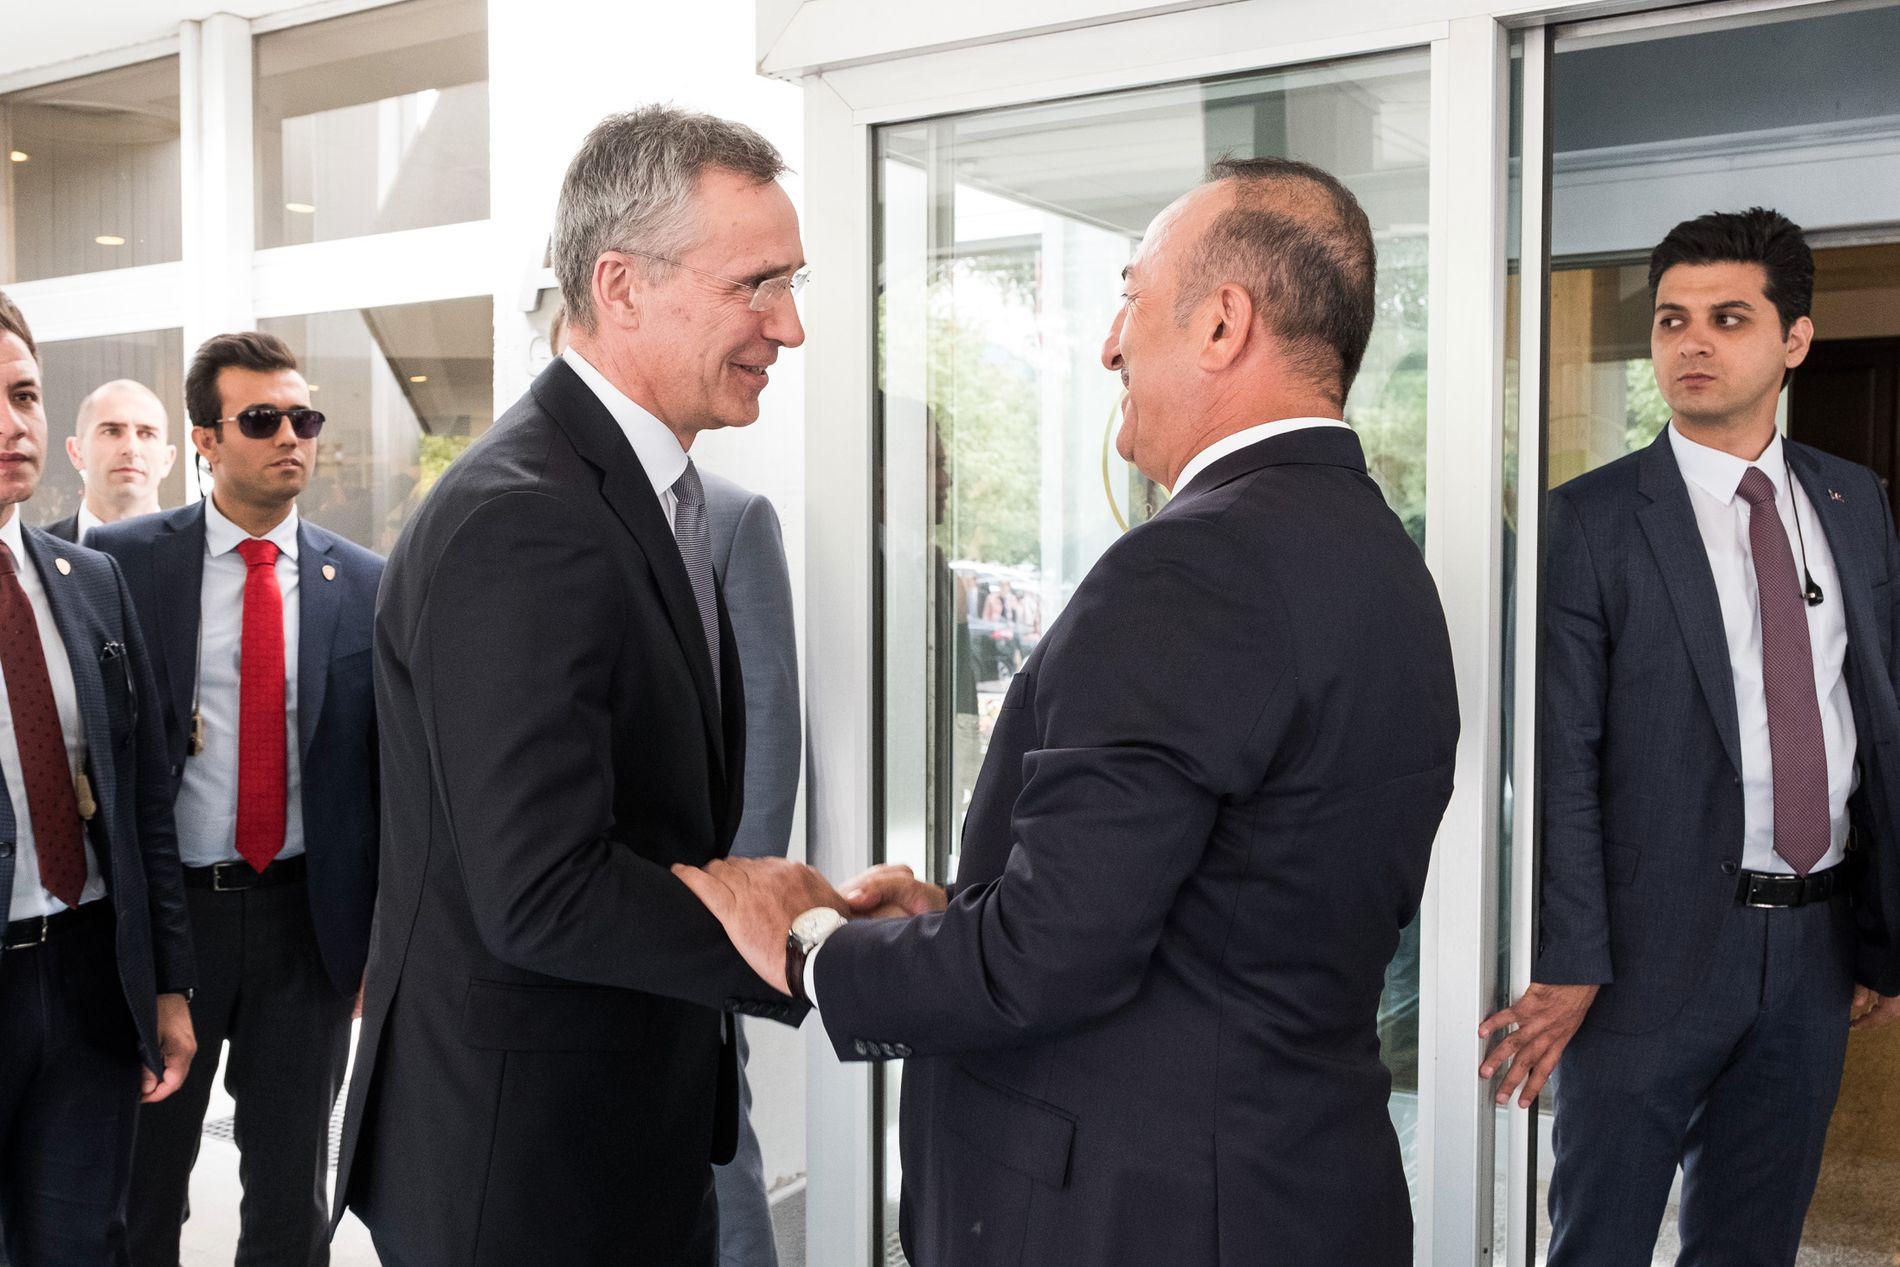 FØR MØTET: Stemningen var god da Stoltenberg og Cavusoglu smilte for fotorgrafene i forkant av møtet.